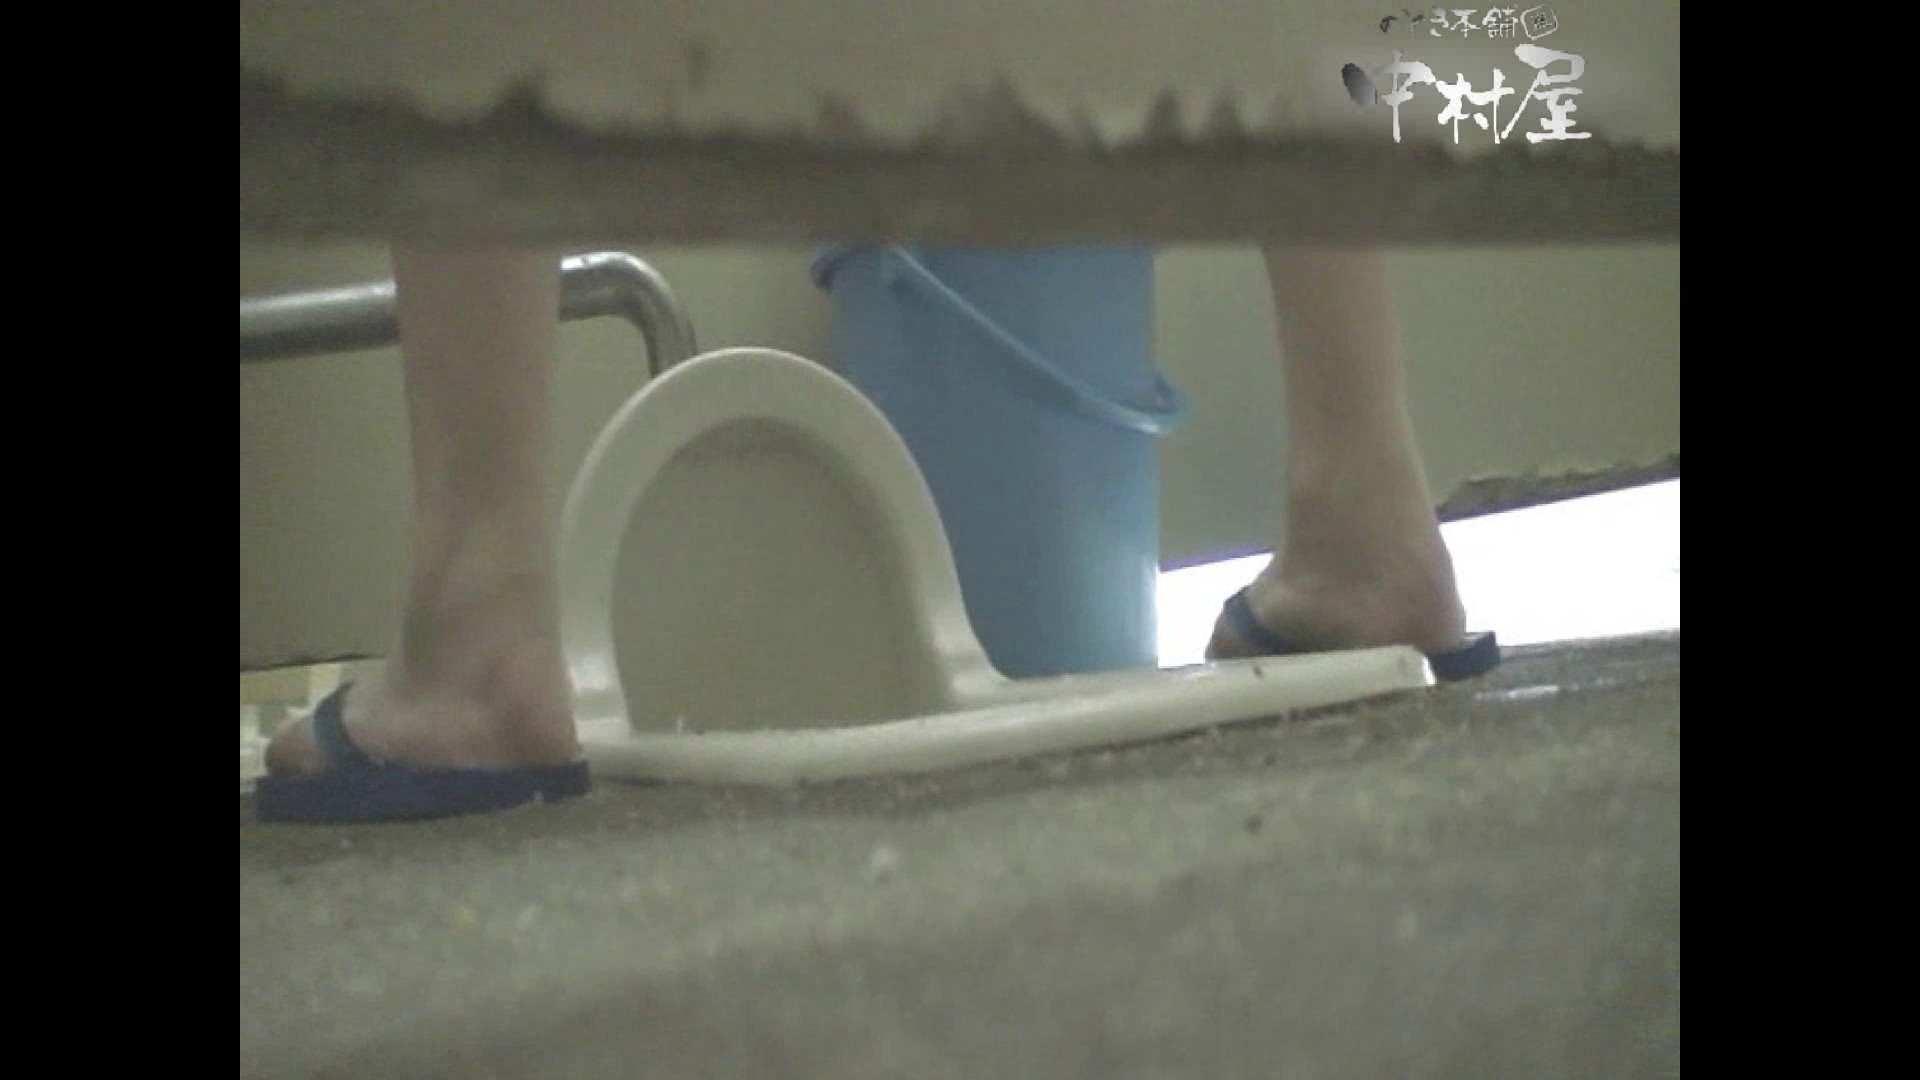 岩手県在住盗撮師盗撮記録vol.15 お姉さん達のオマンコ 盗み撮り動画 71連発 54